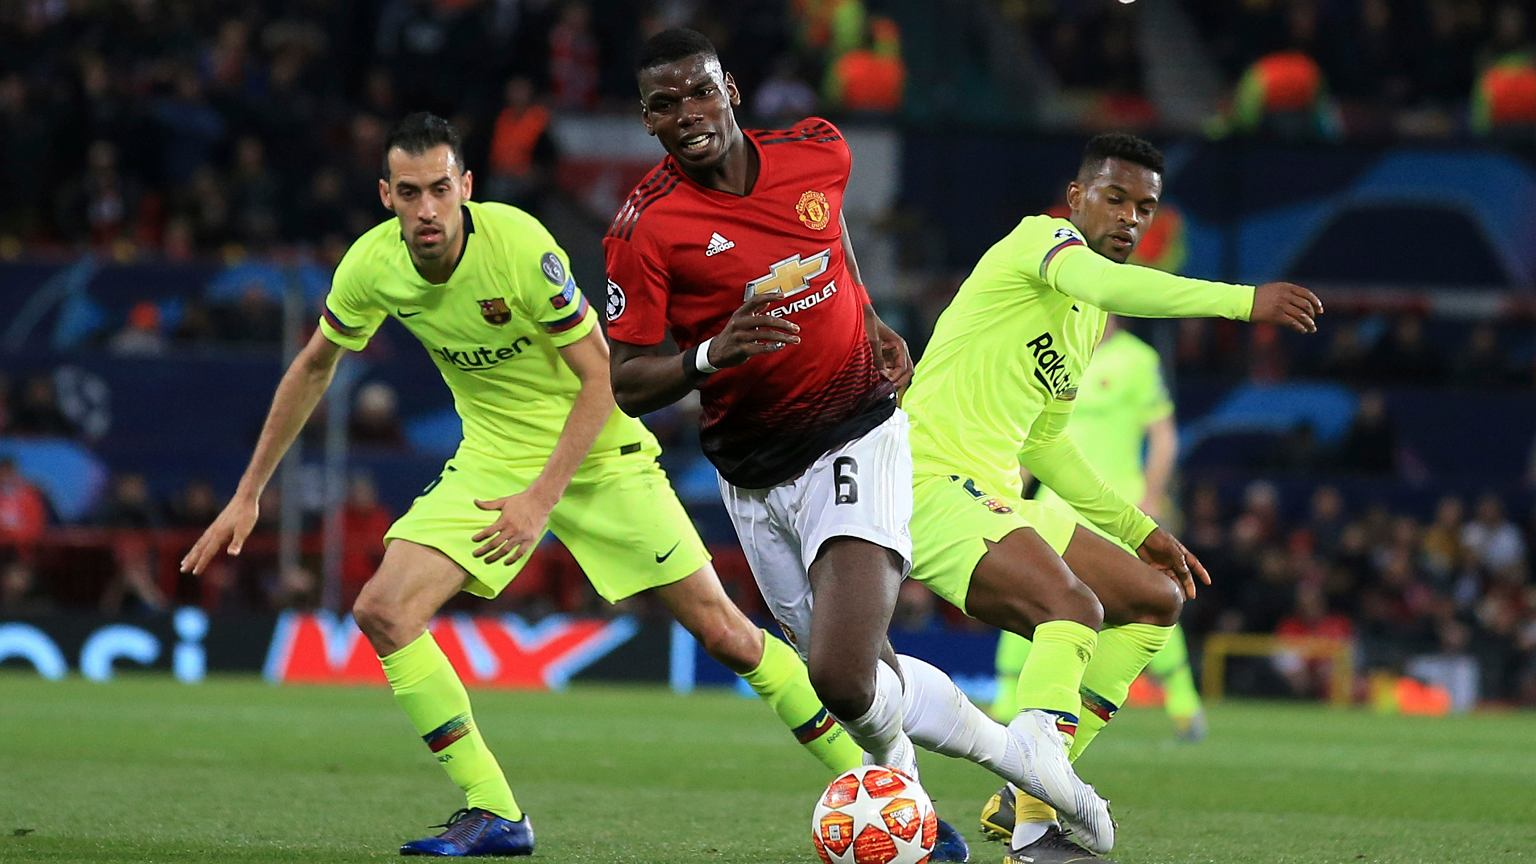 9af124e43 FC Barcelona - Manchester United. Czy dziś powtórzy się scenariusz z  Paryża? Sprawdź gdzie obejrzeć ćwierćfinał Ligi Mistrzów. Transmisja TV,  stream online, ...